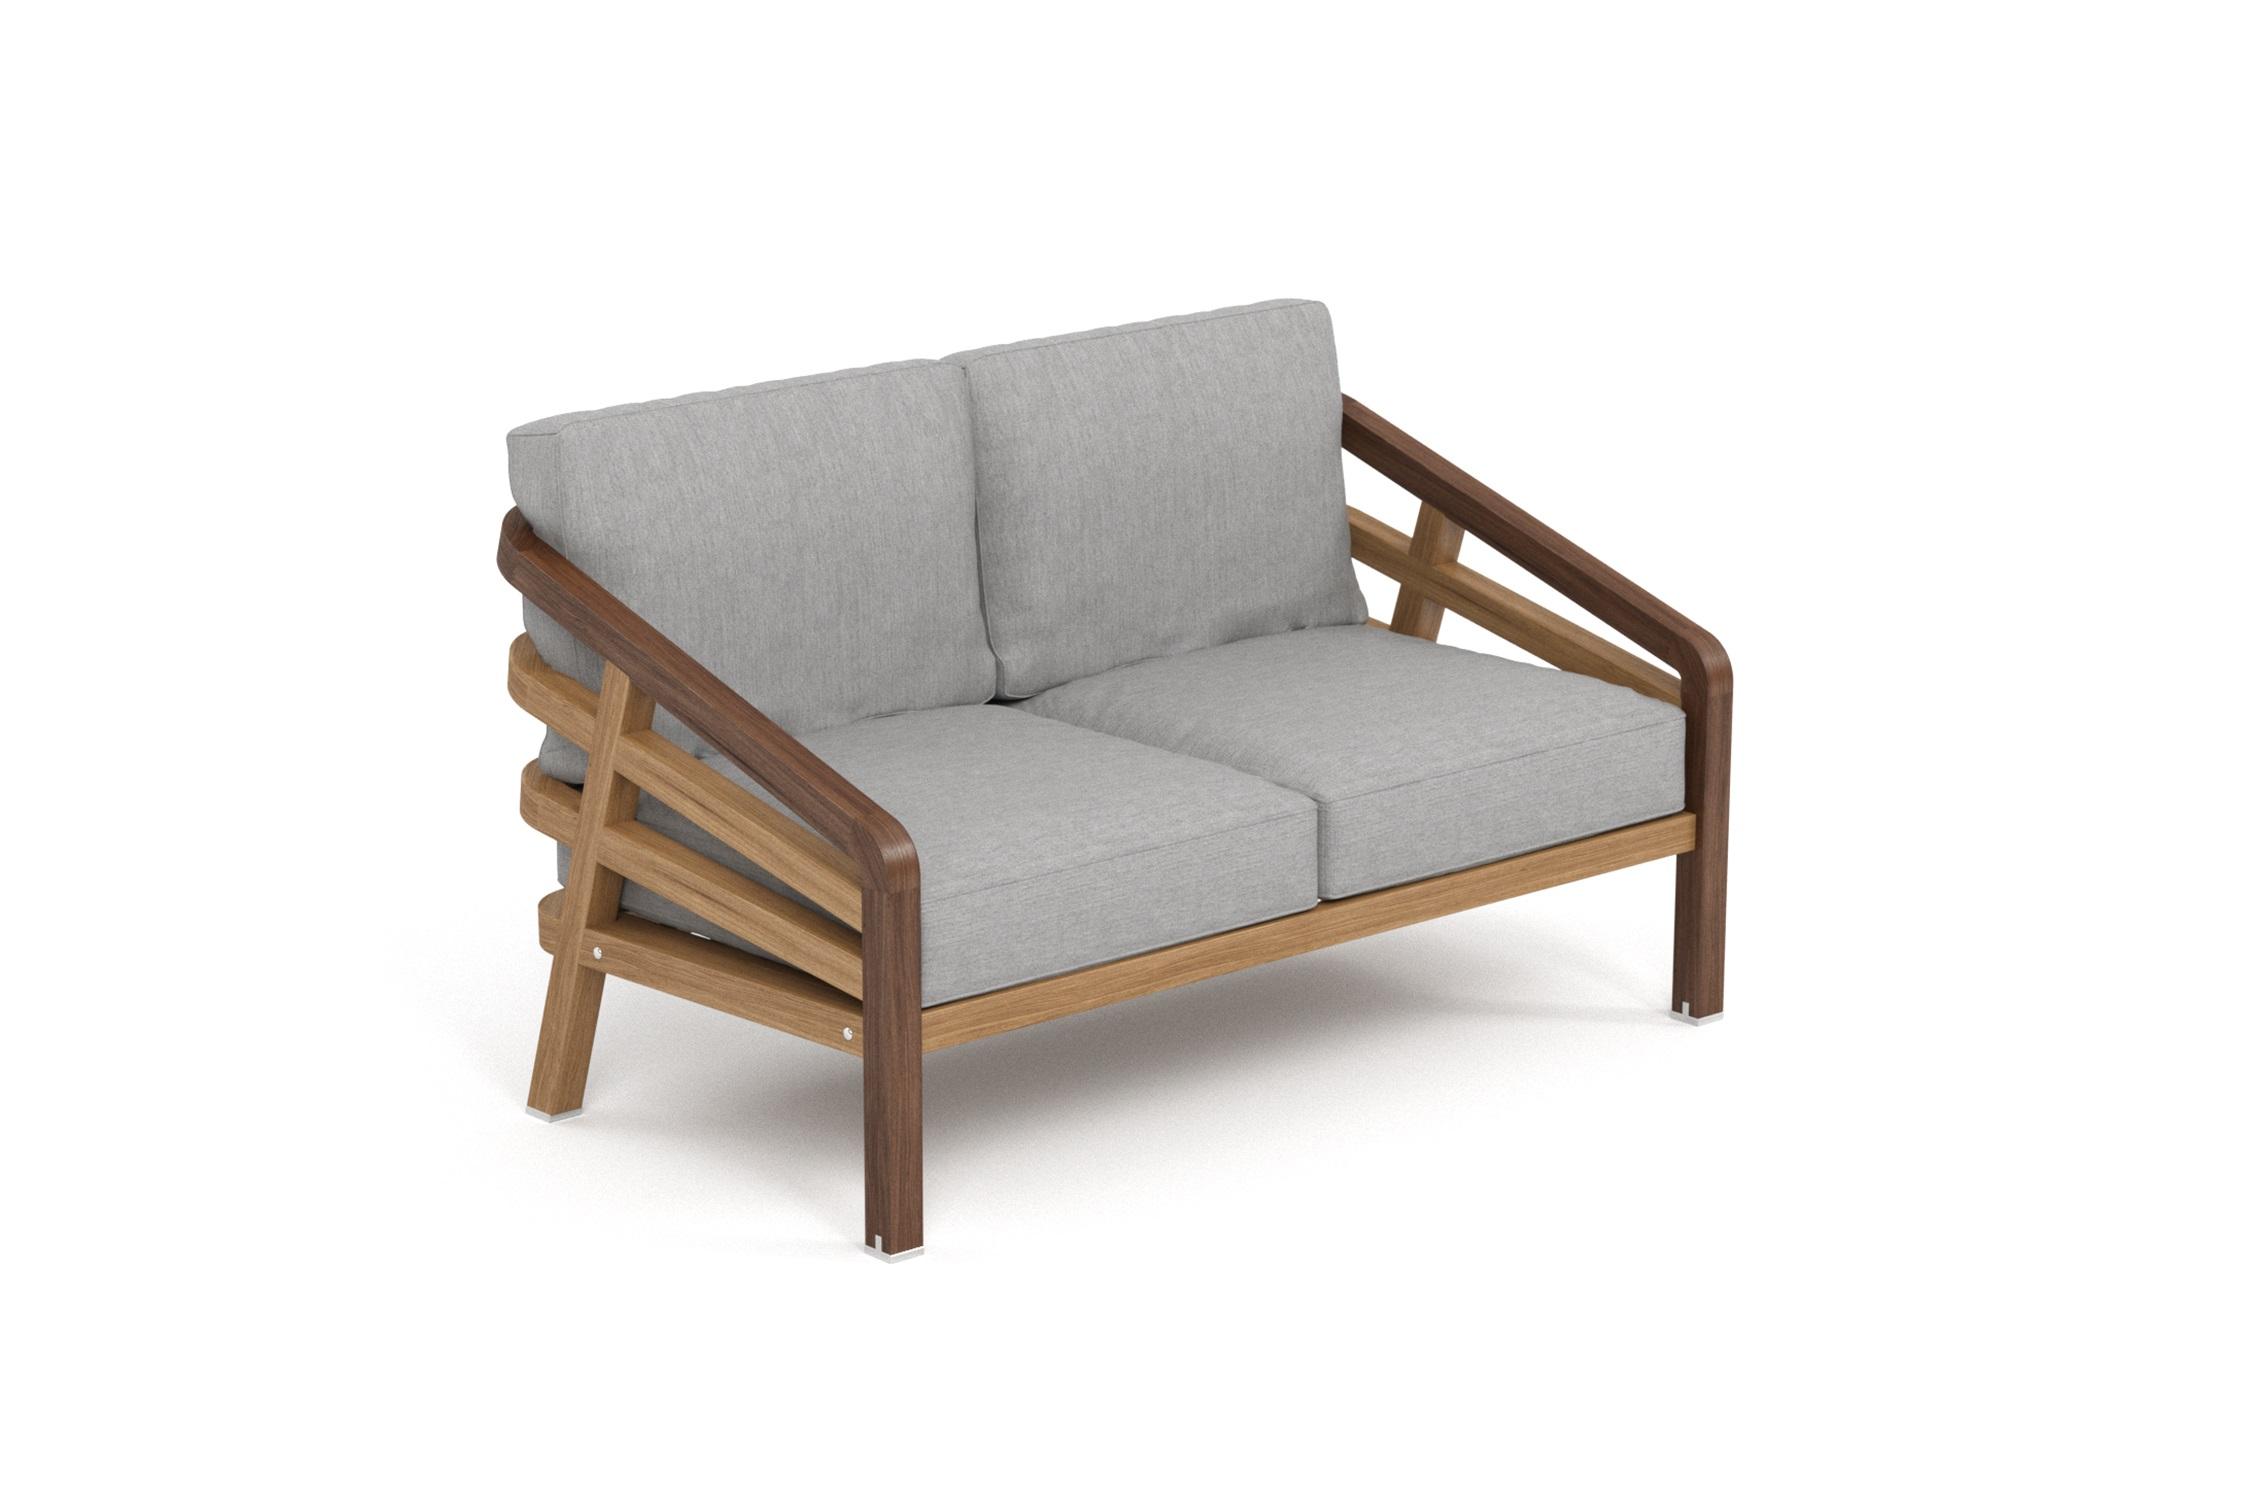 Диван LagoonДиваны и оттоманки для сада<br>&amp;lt;div&amp;gt;Коллекция LAGOON – коллекция, предназначенная для обустройства тихого уединенного места, в котором можно полностью расслабиться и забыть о суете. Дизайн продуман так, чтобы можно было выбрать множество вариаций для отдыха: загорать на шезлонге или расположиться на удобном диване, подремать в кресле или понежиться на кушетке.&amp;amp;nbsp;&amp;lt;/div&amp;gt;&amp;lt;div&amp;gt;Высота посадки:420мм.&amp;amp;nbsp;&amp;lt;/div&amp;gt;&amp;lt;div&amp;gt;&amp;lt;br&amp;gt;&amp;lt;/div&amp;gt;&amp;lt;div&amp;gt;Тик – прочная и твердая древесина, относится к ценным породам. Мебель из тика допускает круглогодичную эксплуатацию на открытом воздухе, выдерживает перепады температур от –30 до +30С. Срок службы более 25 лет.&amp;amp;nbsp;&amp;lt;/div&amp;gt;&amp;lt;div&amp;gt;&amp;lt;br&amp;gt;&amp;lt;/div&amp;gt;&amp;lt;div&amp;gt;Sunbrella® – акриловая ткань с водоотталкивающими свойствами от мирового лидера в производстве тканей для яхт. Ткани Sunbrella изготавливаются из окрашиваемого в растворе акрилового волокна. Обработка, препятствующая образованию пятен, защищает ткани Sunbrella, которые допускают машинную стирку и обеспечивают защиту от УФ-лучей&amp;lt;/div&amp;gt;&amp;lt;div&amp;gt;&amp;lt;br&amp;gt;&amp;lt;/div&amp;gt;&amp;lt;iframe width=&amp;quot;530&amp;quot; height=&amp;quot;300&amp;quot; src=&amp;quot;https://www.youtube.com/embed/uL9Kujh07kc&amp;quot; frameborder=&amp;quot;0&amp;quot; allowfullscreen=&amp;quot;&amp;quot;&amp;gt;&amp;lt;/iframe&amp;gt;<br><br>Material: Тик<br>Ширина см: 130.0<br>Высота см: 83.0<br>Глубина см: 76